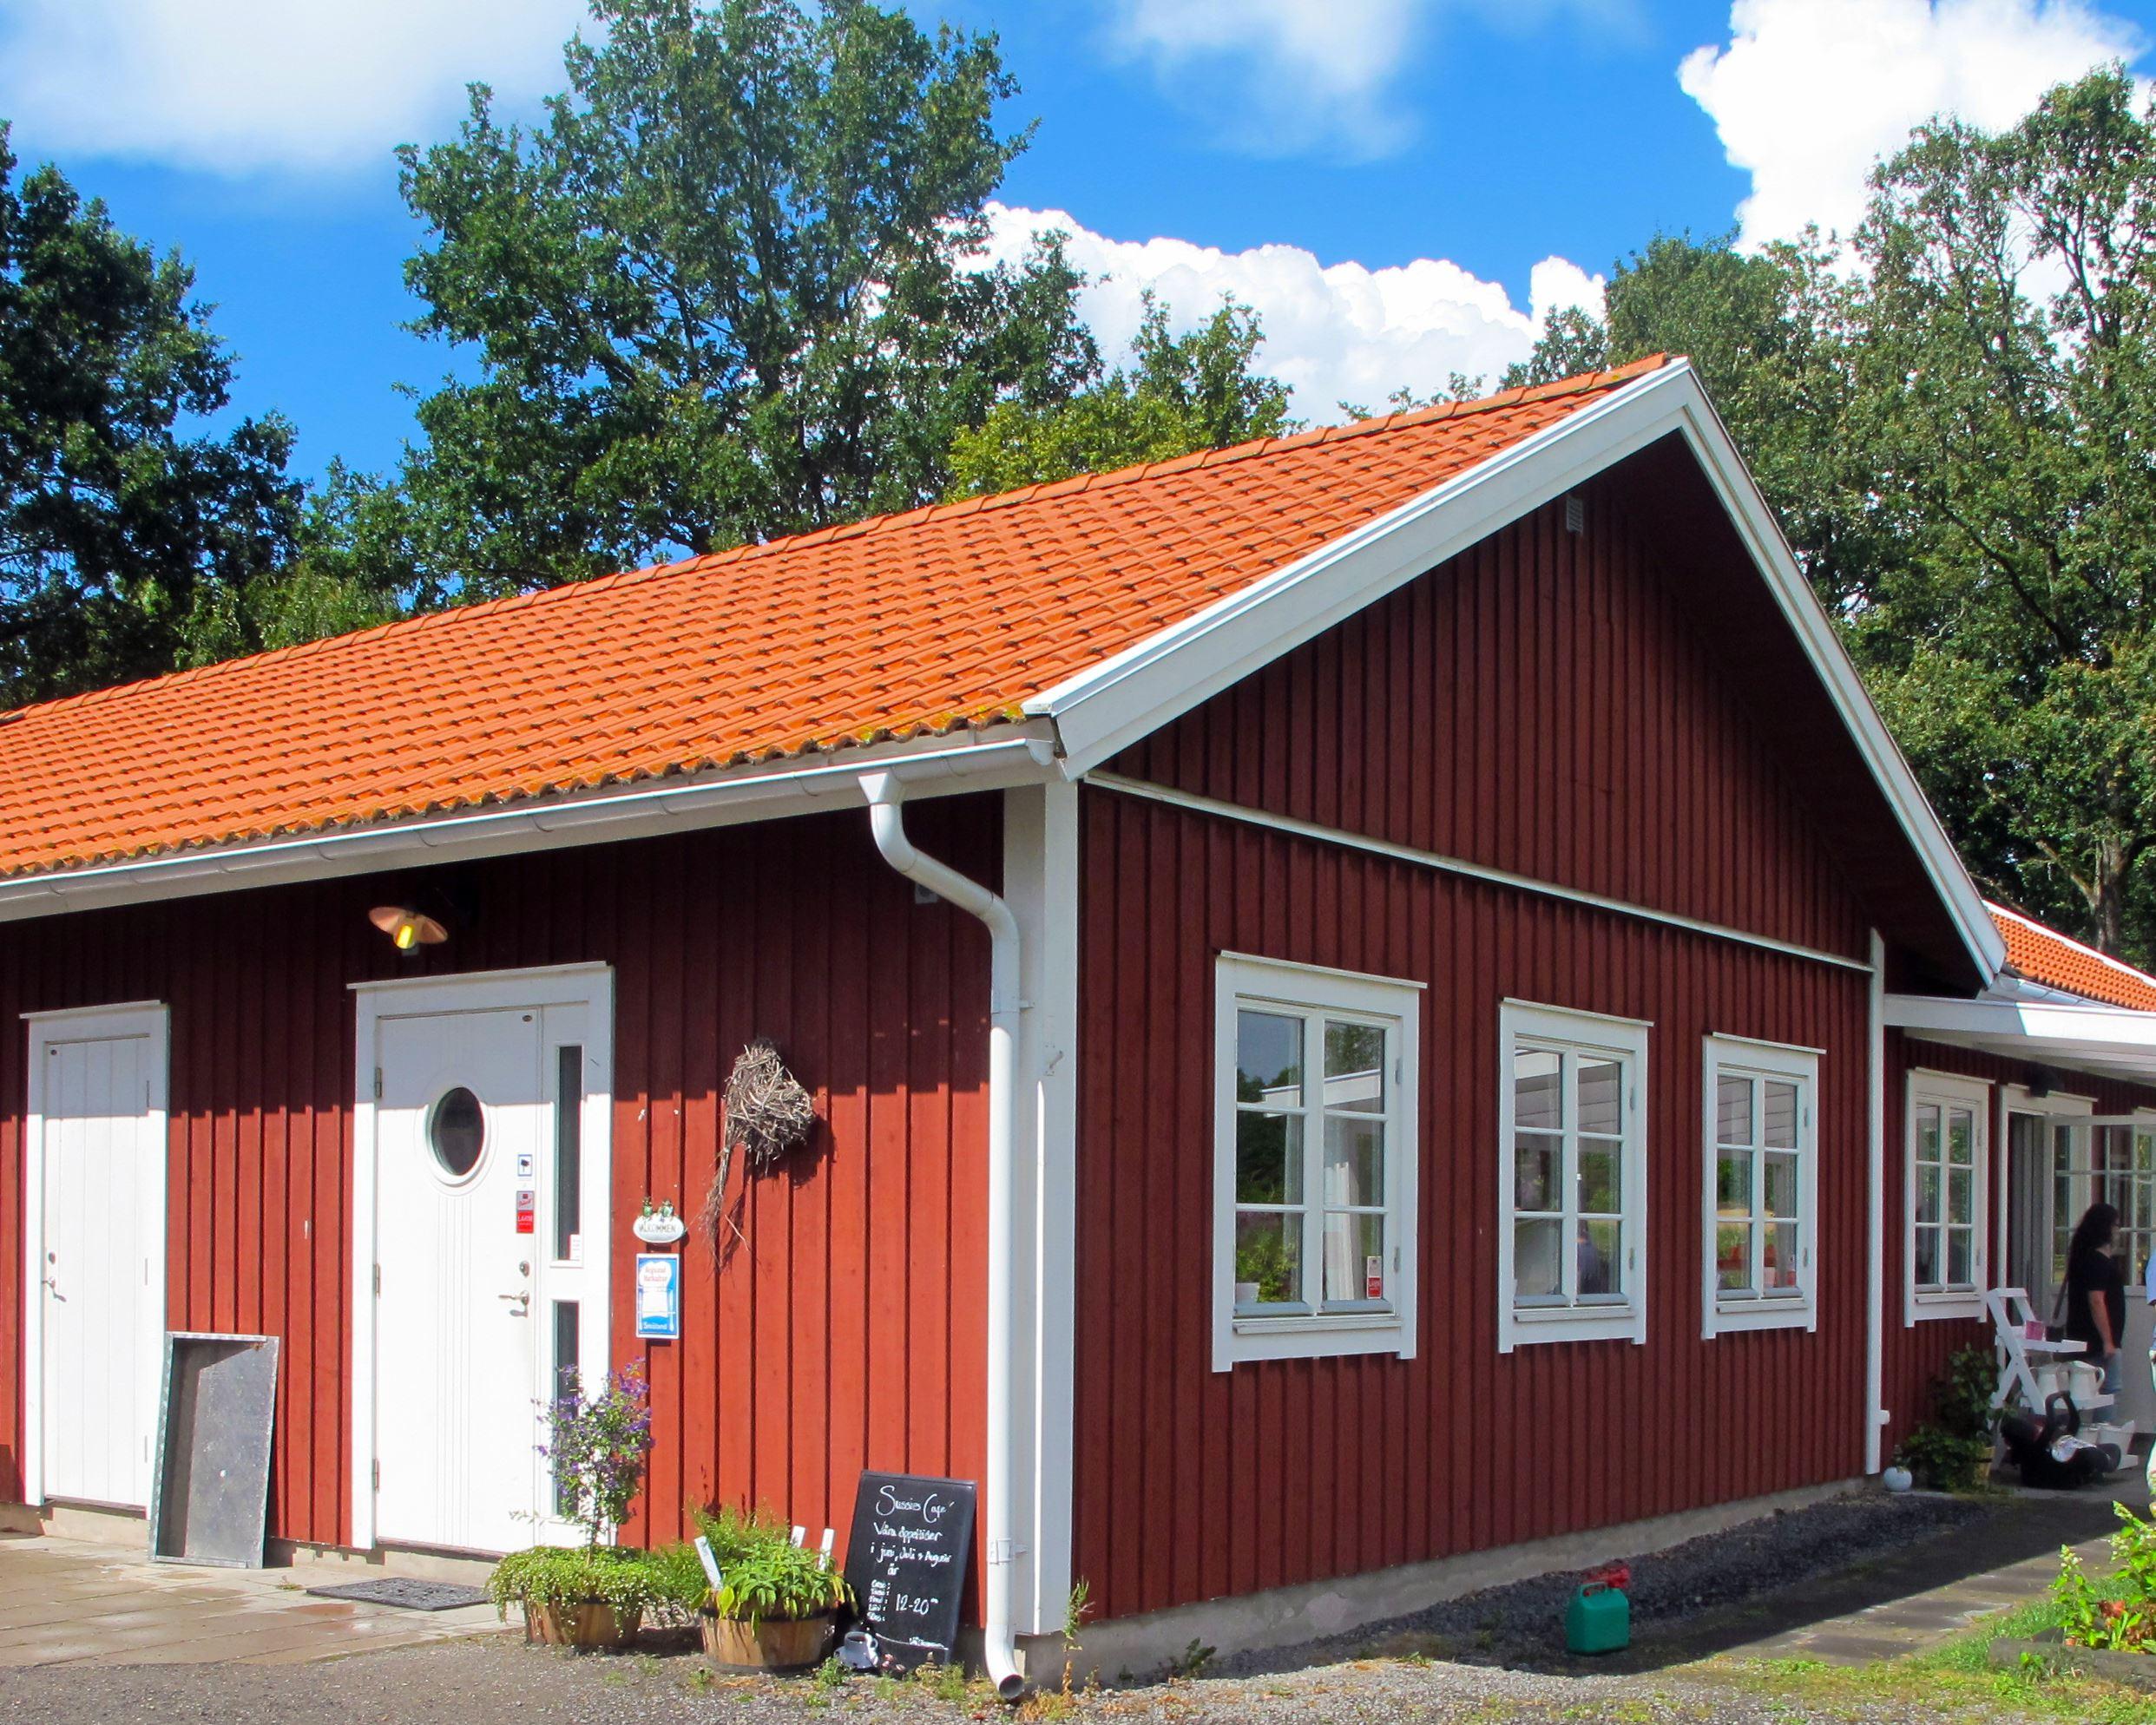 Sussies Café und Restaurant